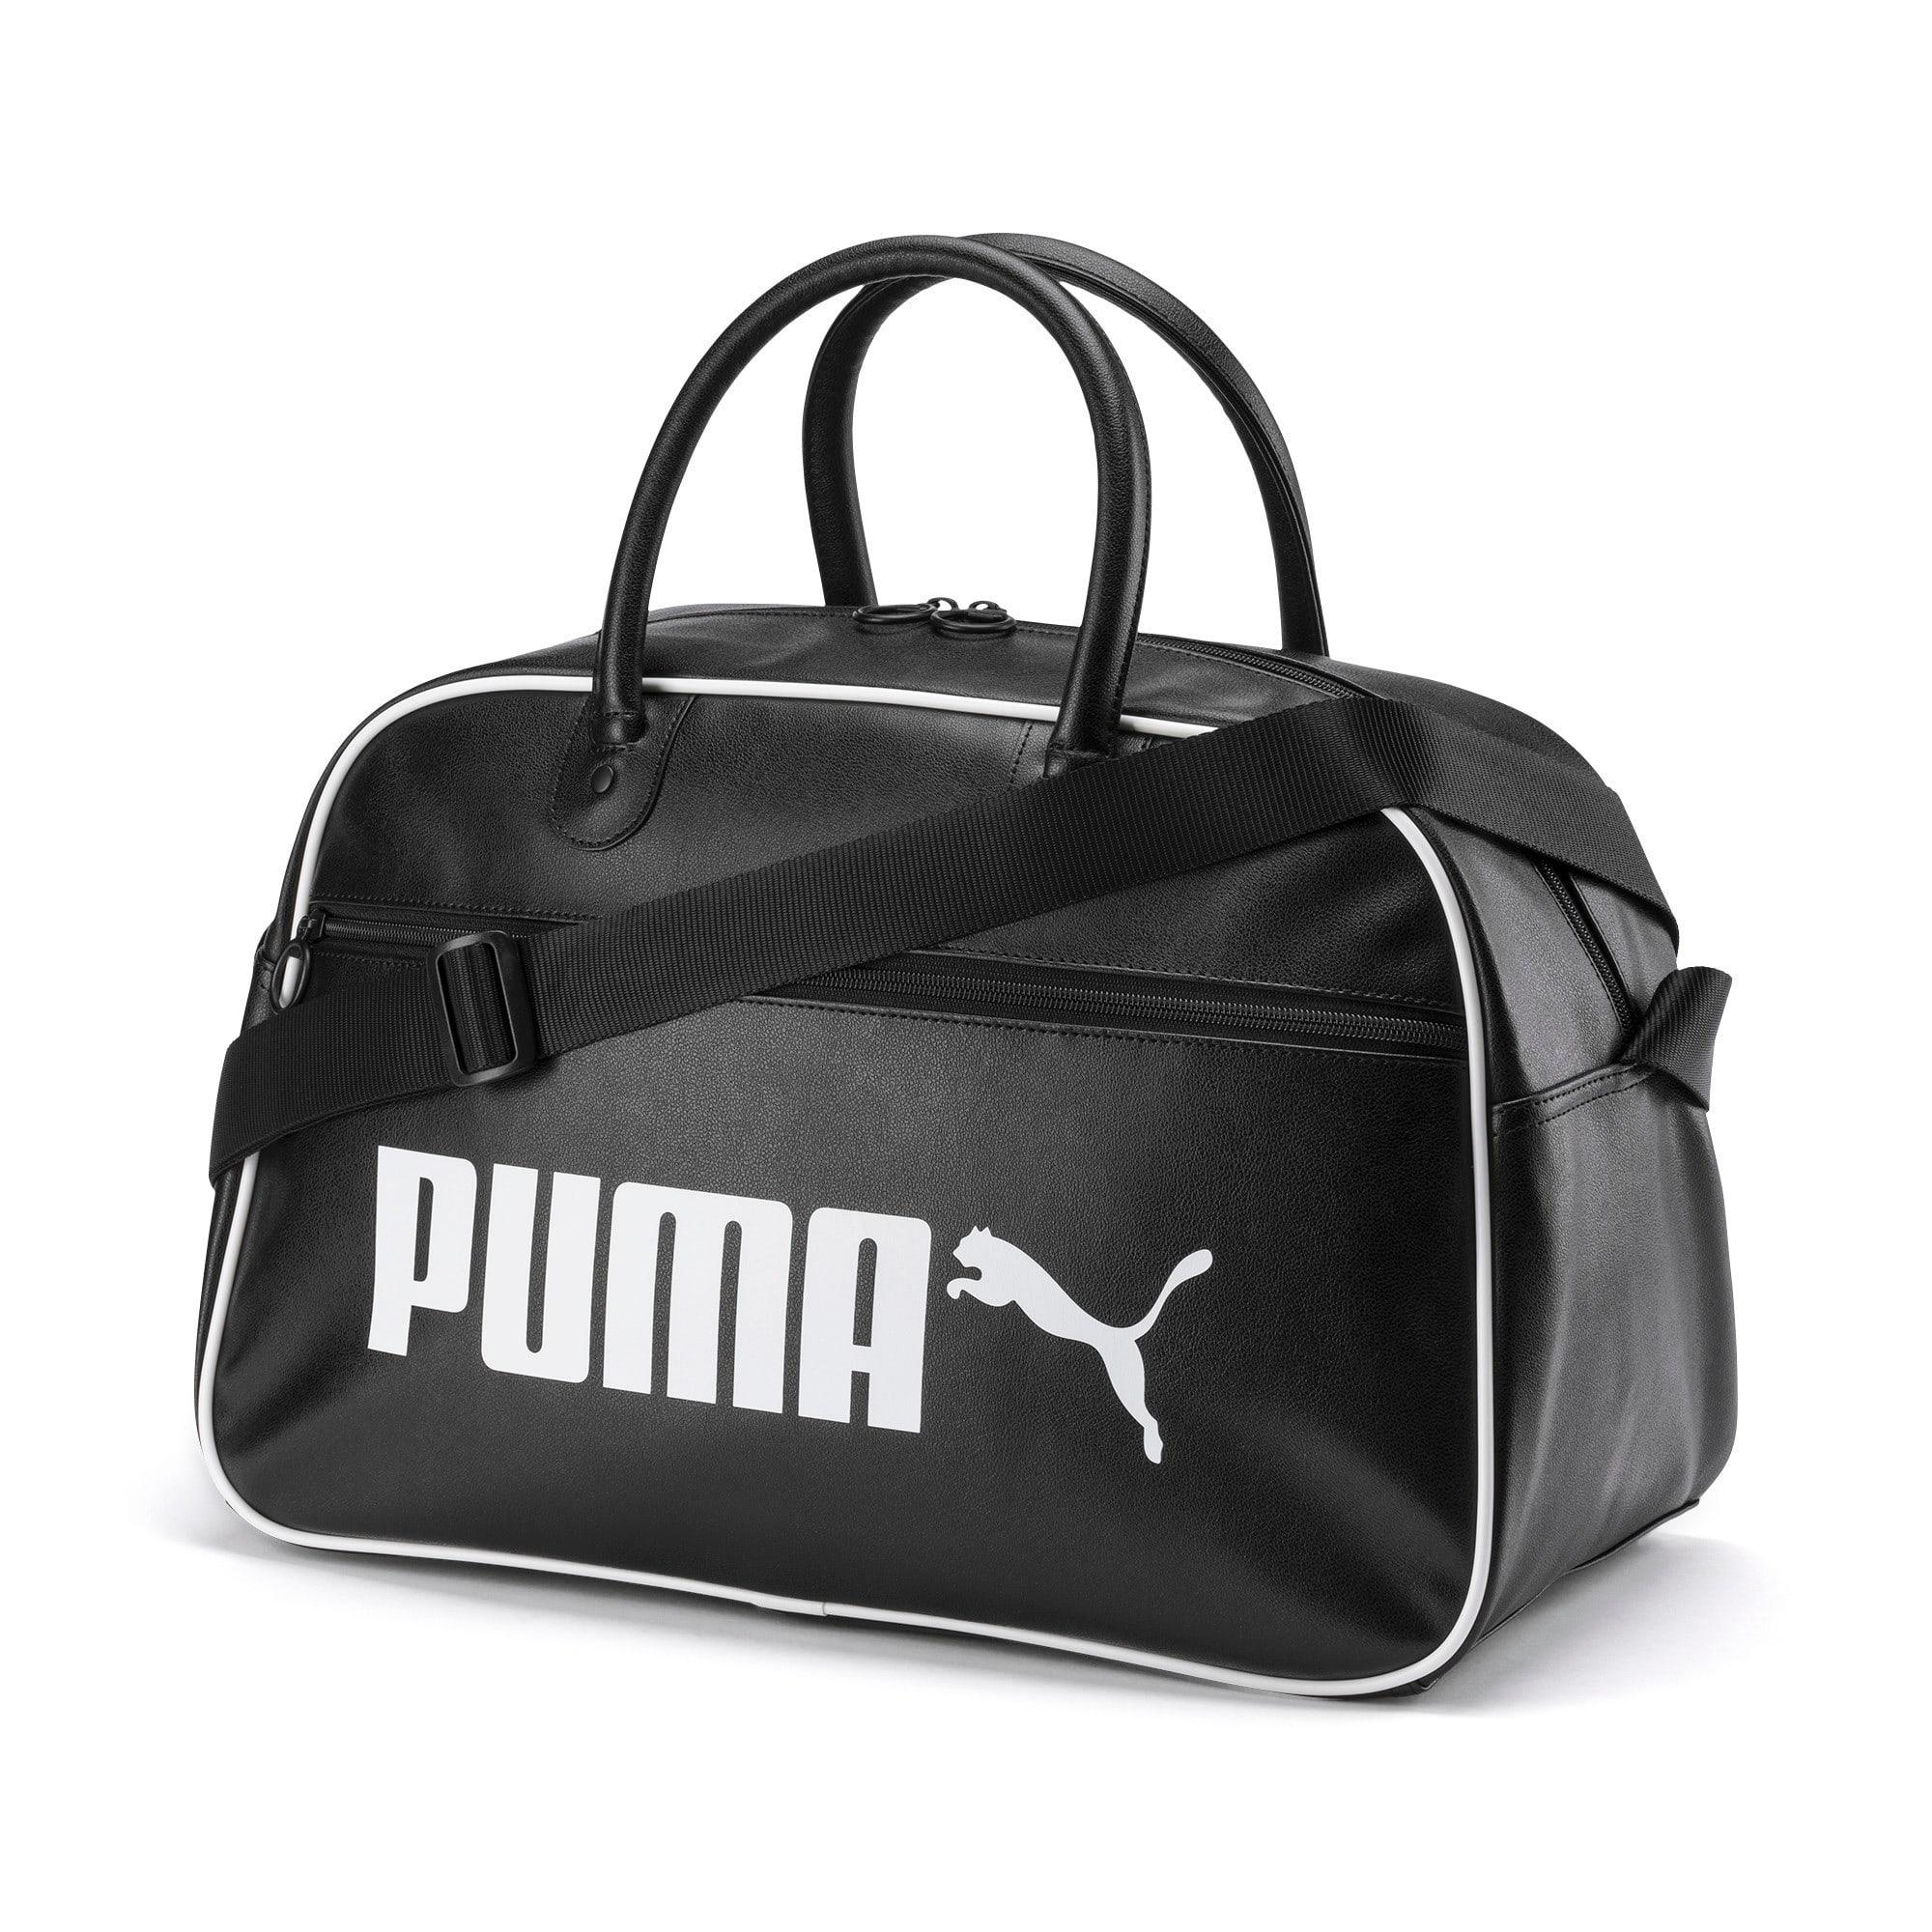 Thumbnail 1 of Campus Retro Grip Bag, Puma Black, medium